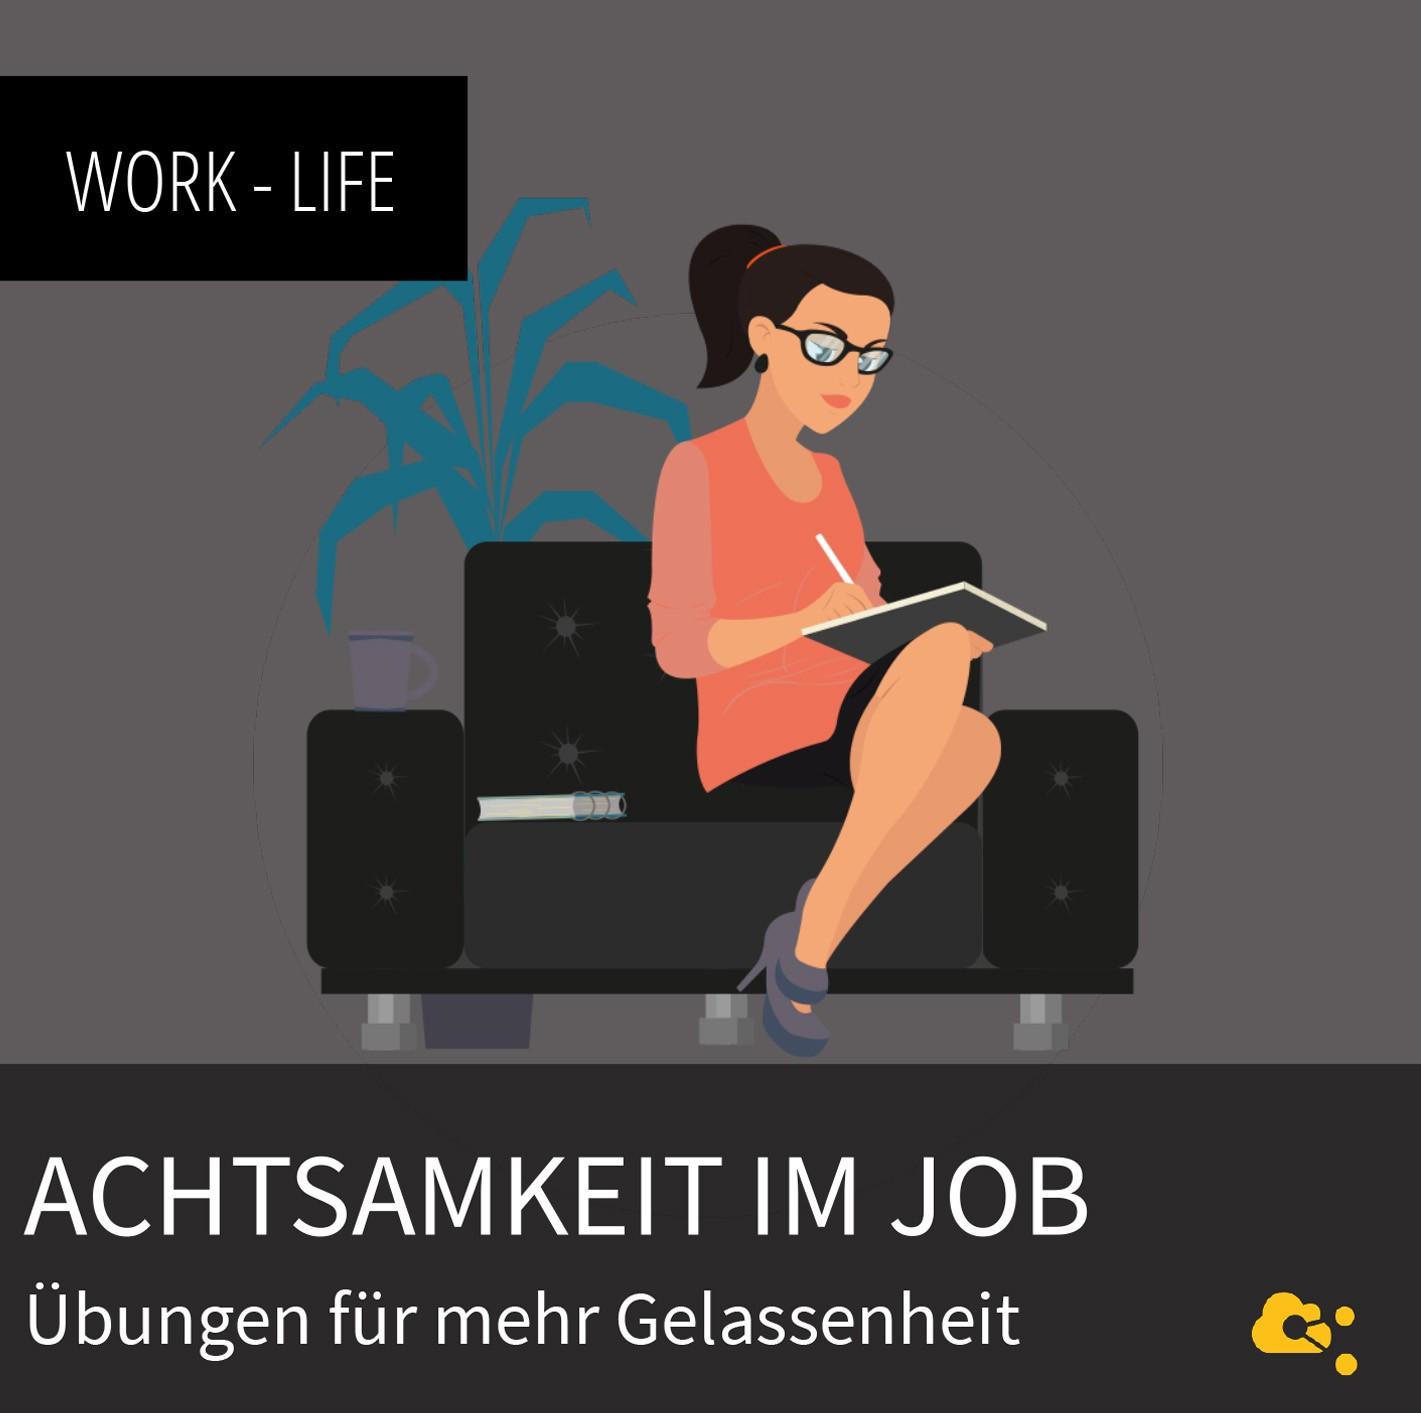 Achtsamkeit im Job | nuboRadio